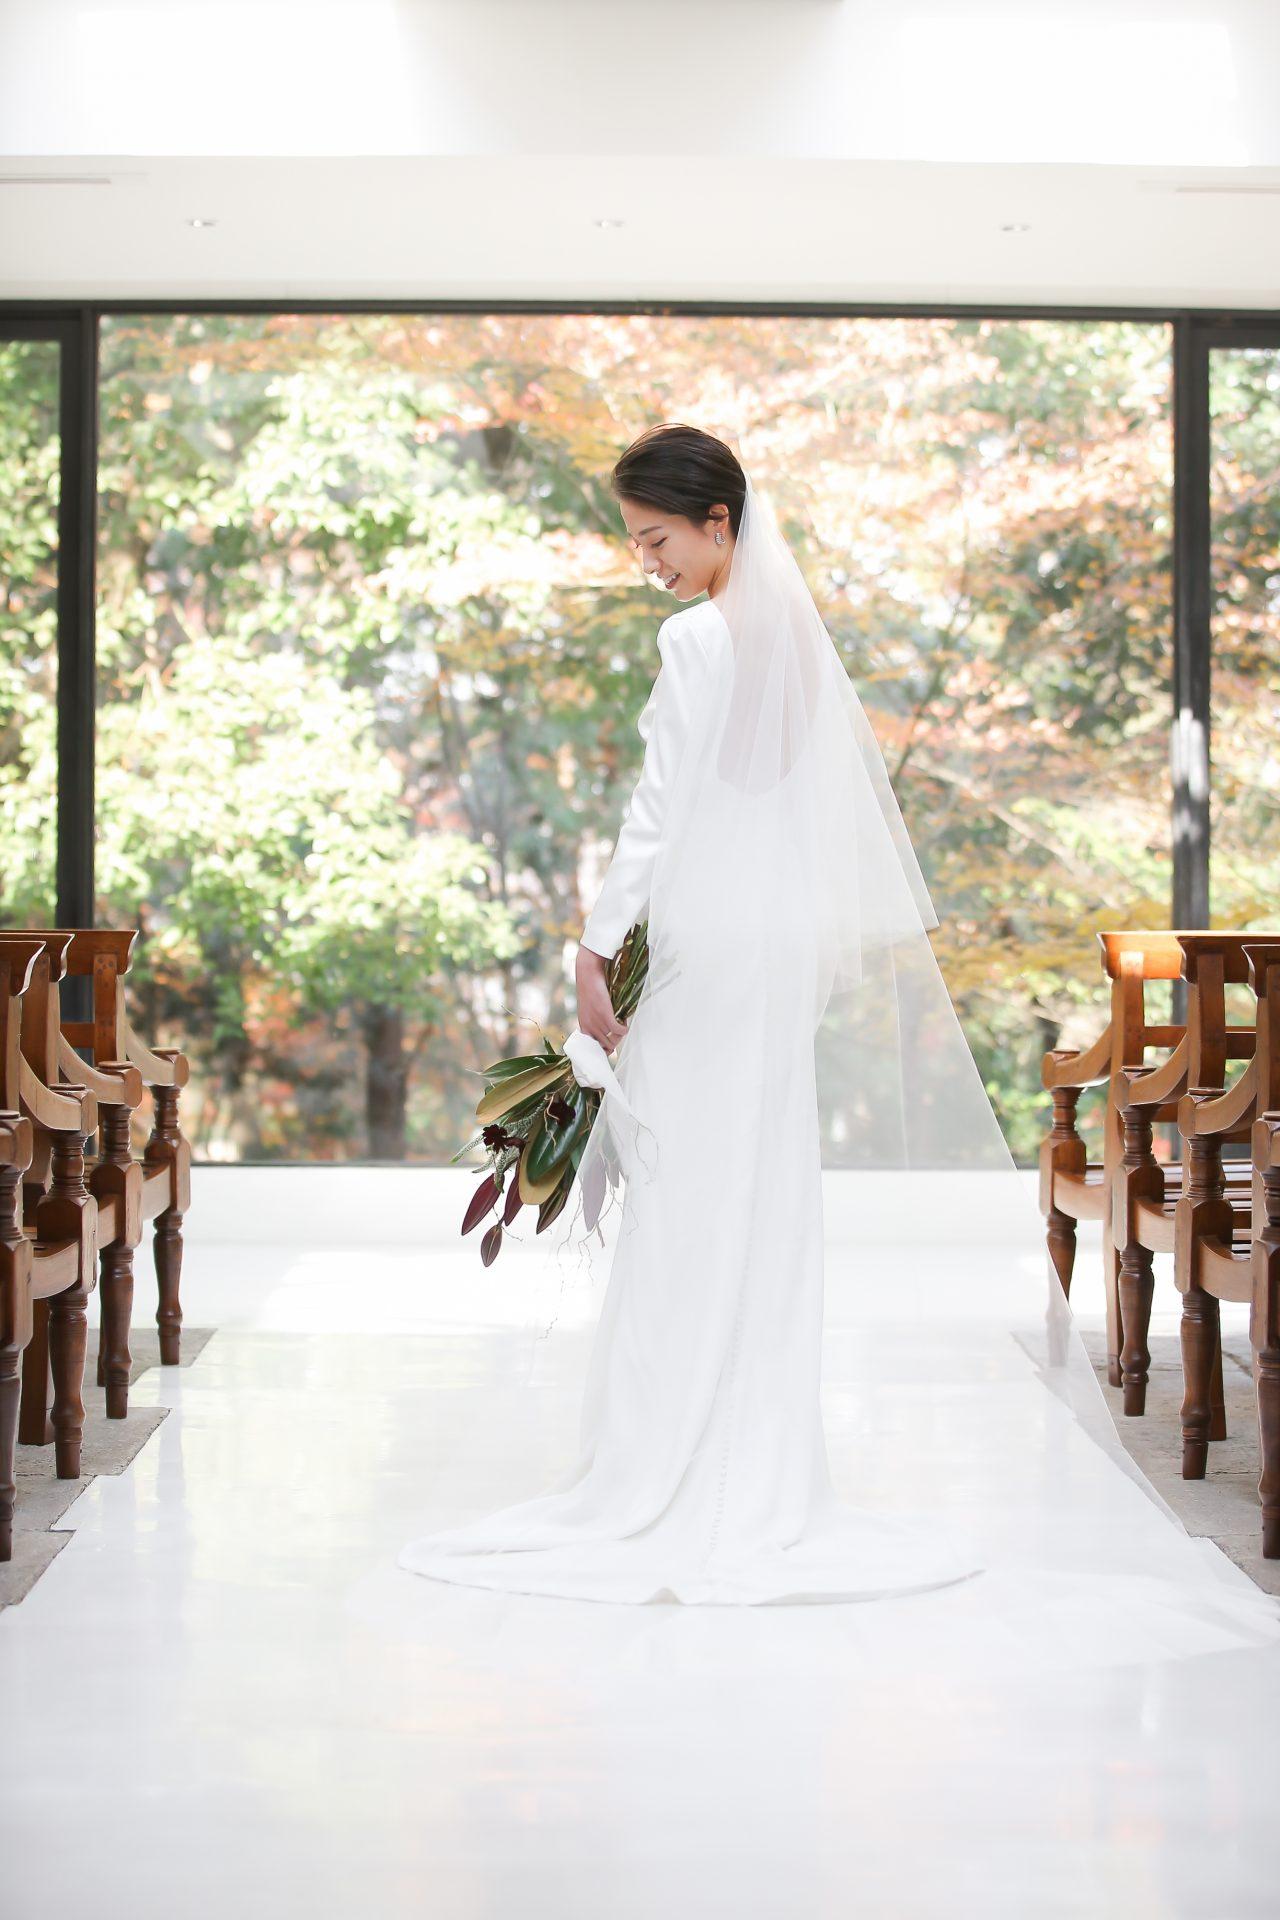 ザ・トリートドレッシングの提携会場ザ・ナンザンハウスでお式をされた花嫁様のシンプルで洗練されたウェディングスタイル